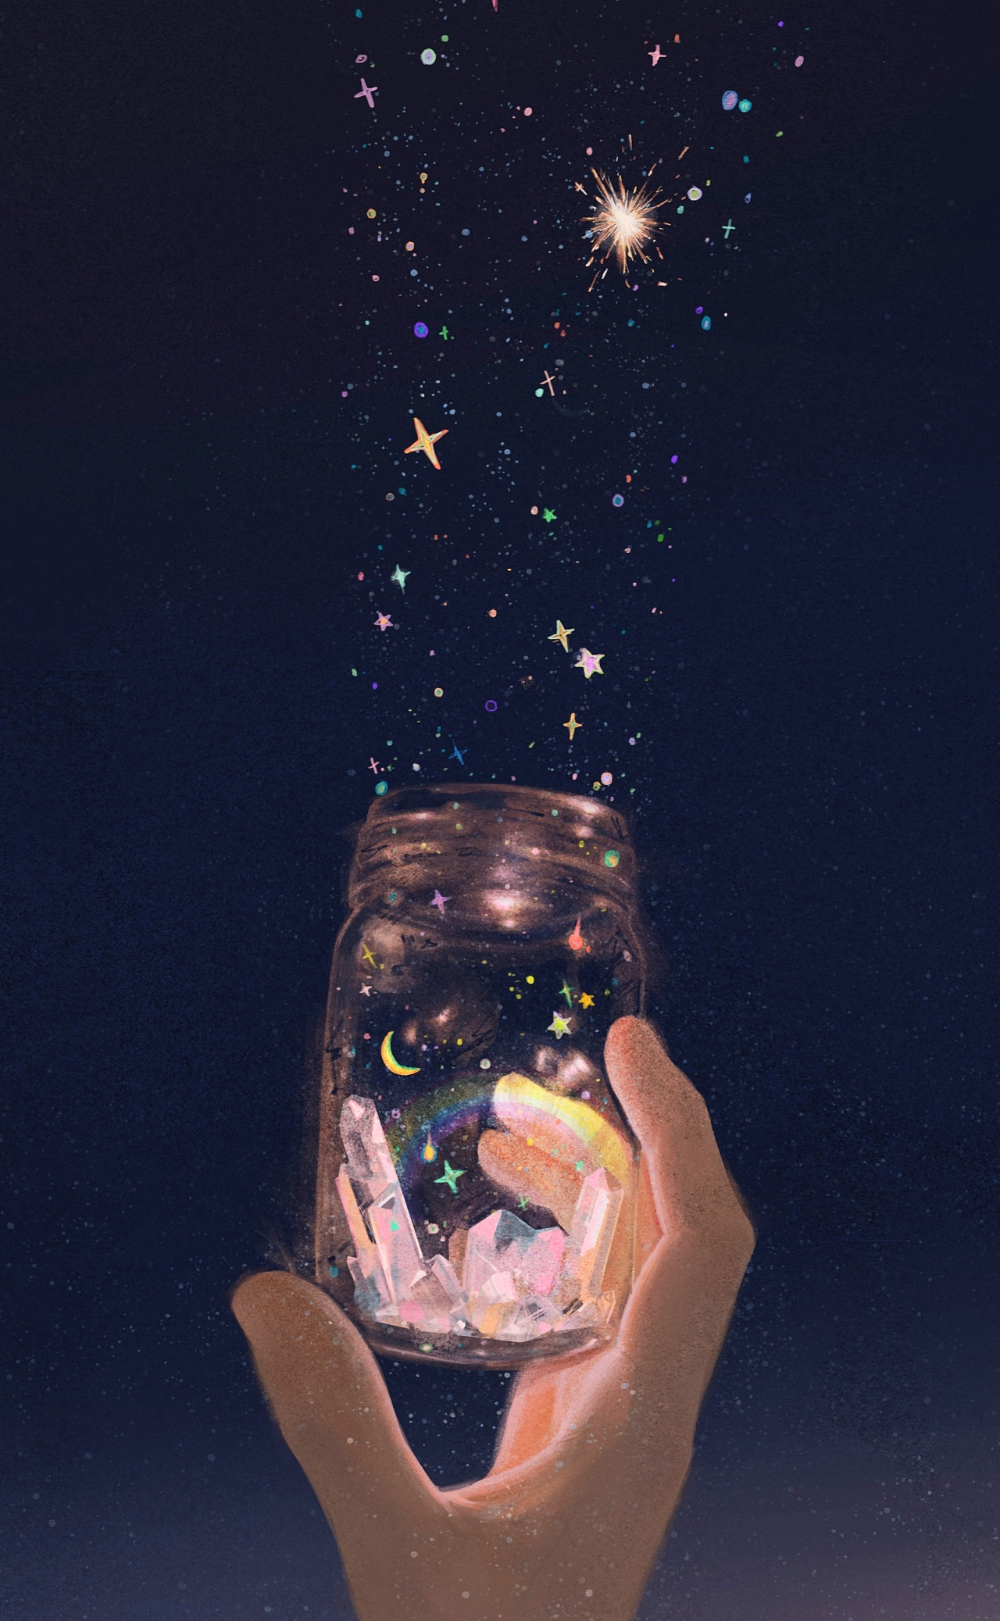 星星永远不会被黑暗吞噬 插画 创作习作 中下游         - 原创作品